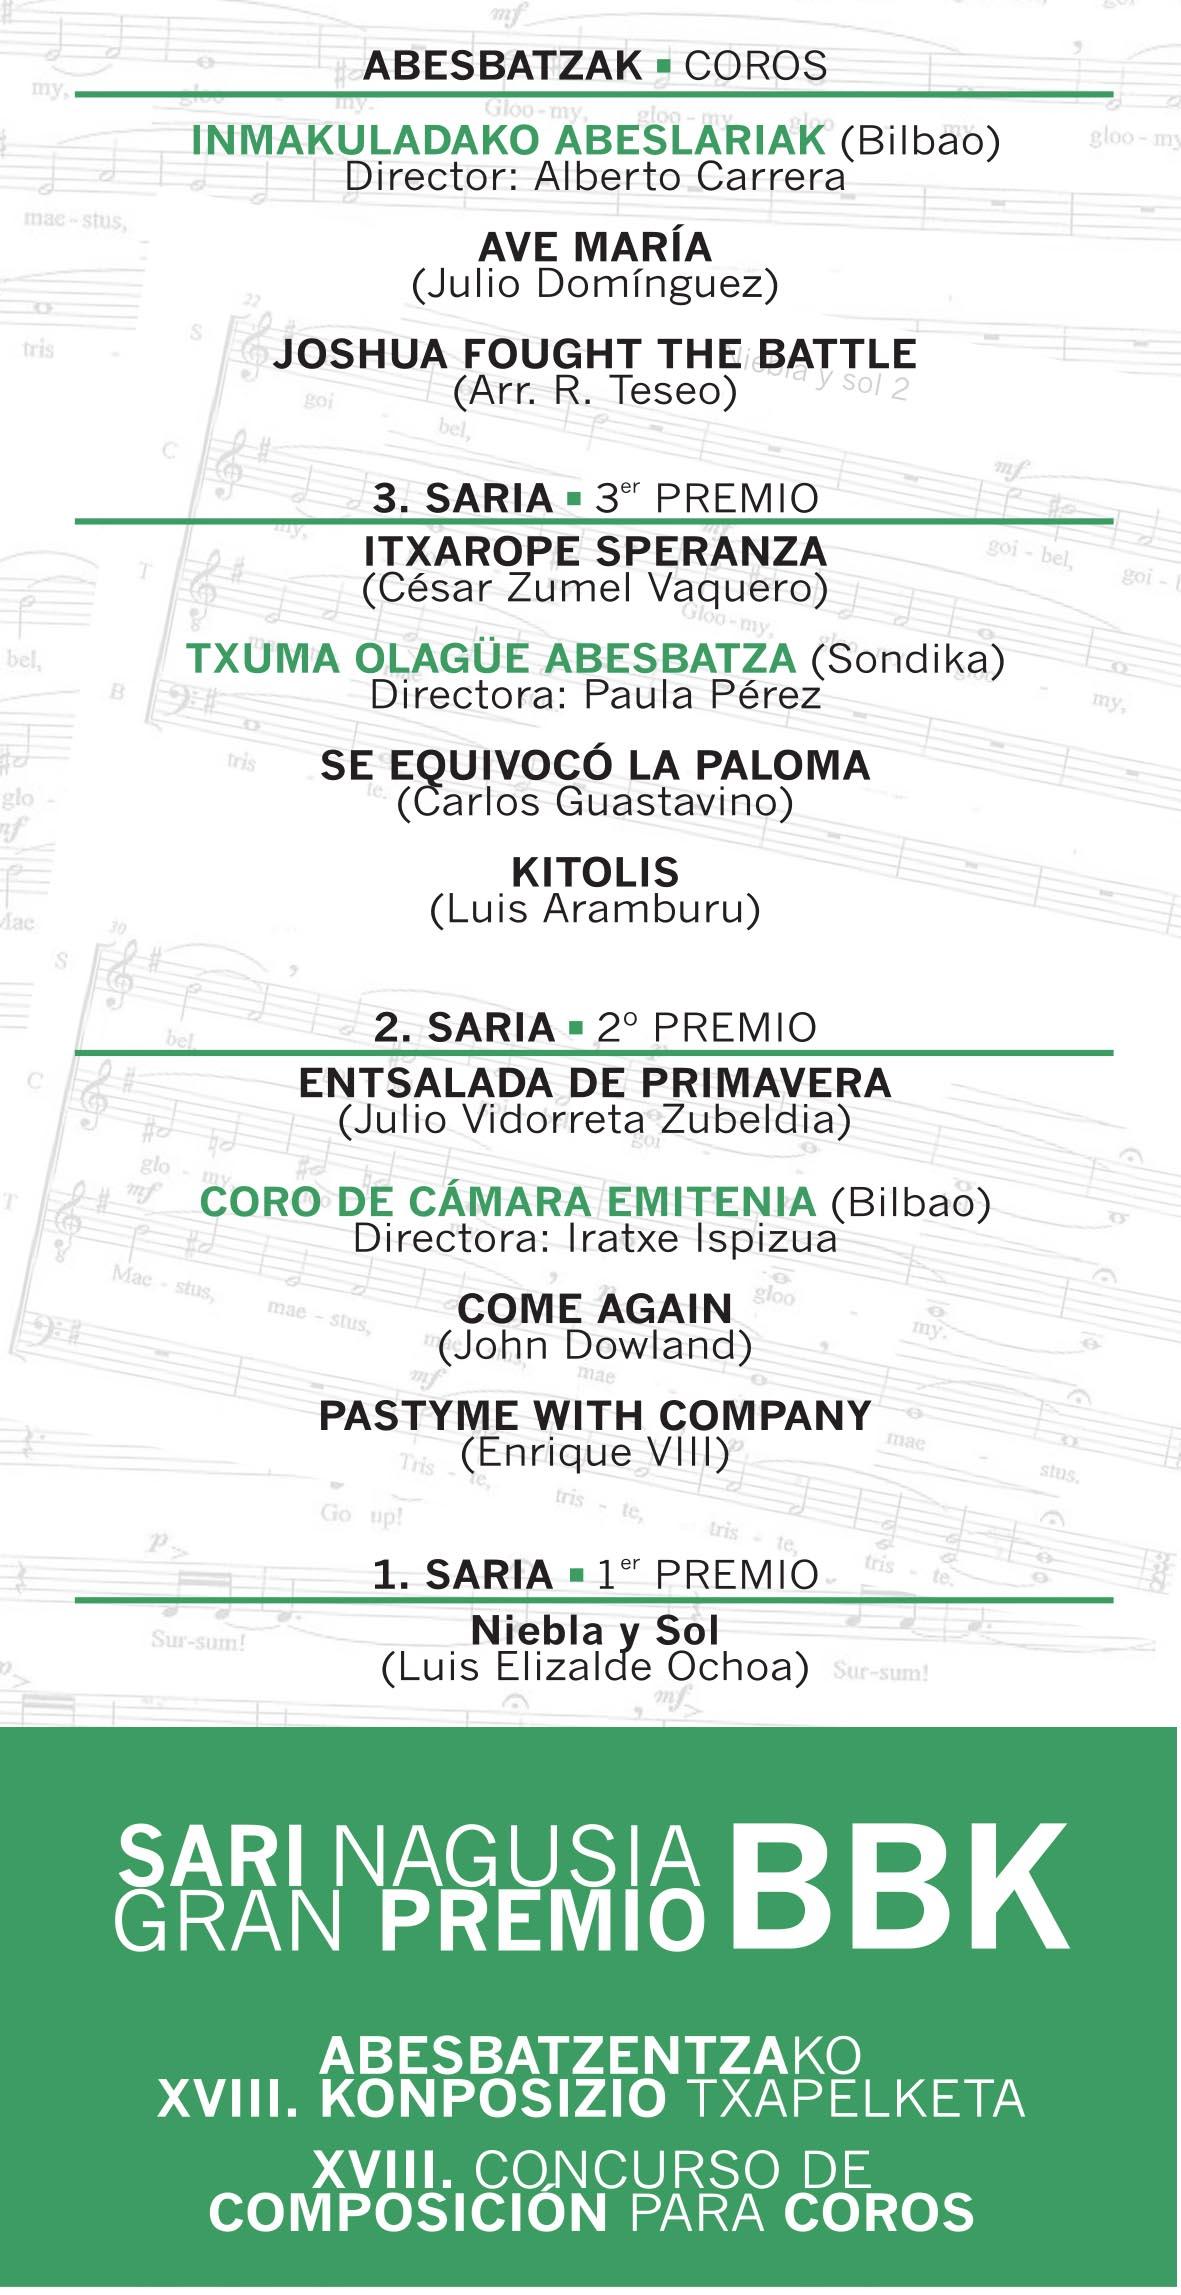 BBK - GRAN PREMIO BBK Composicion para coros.cdr